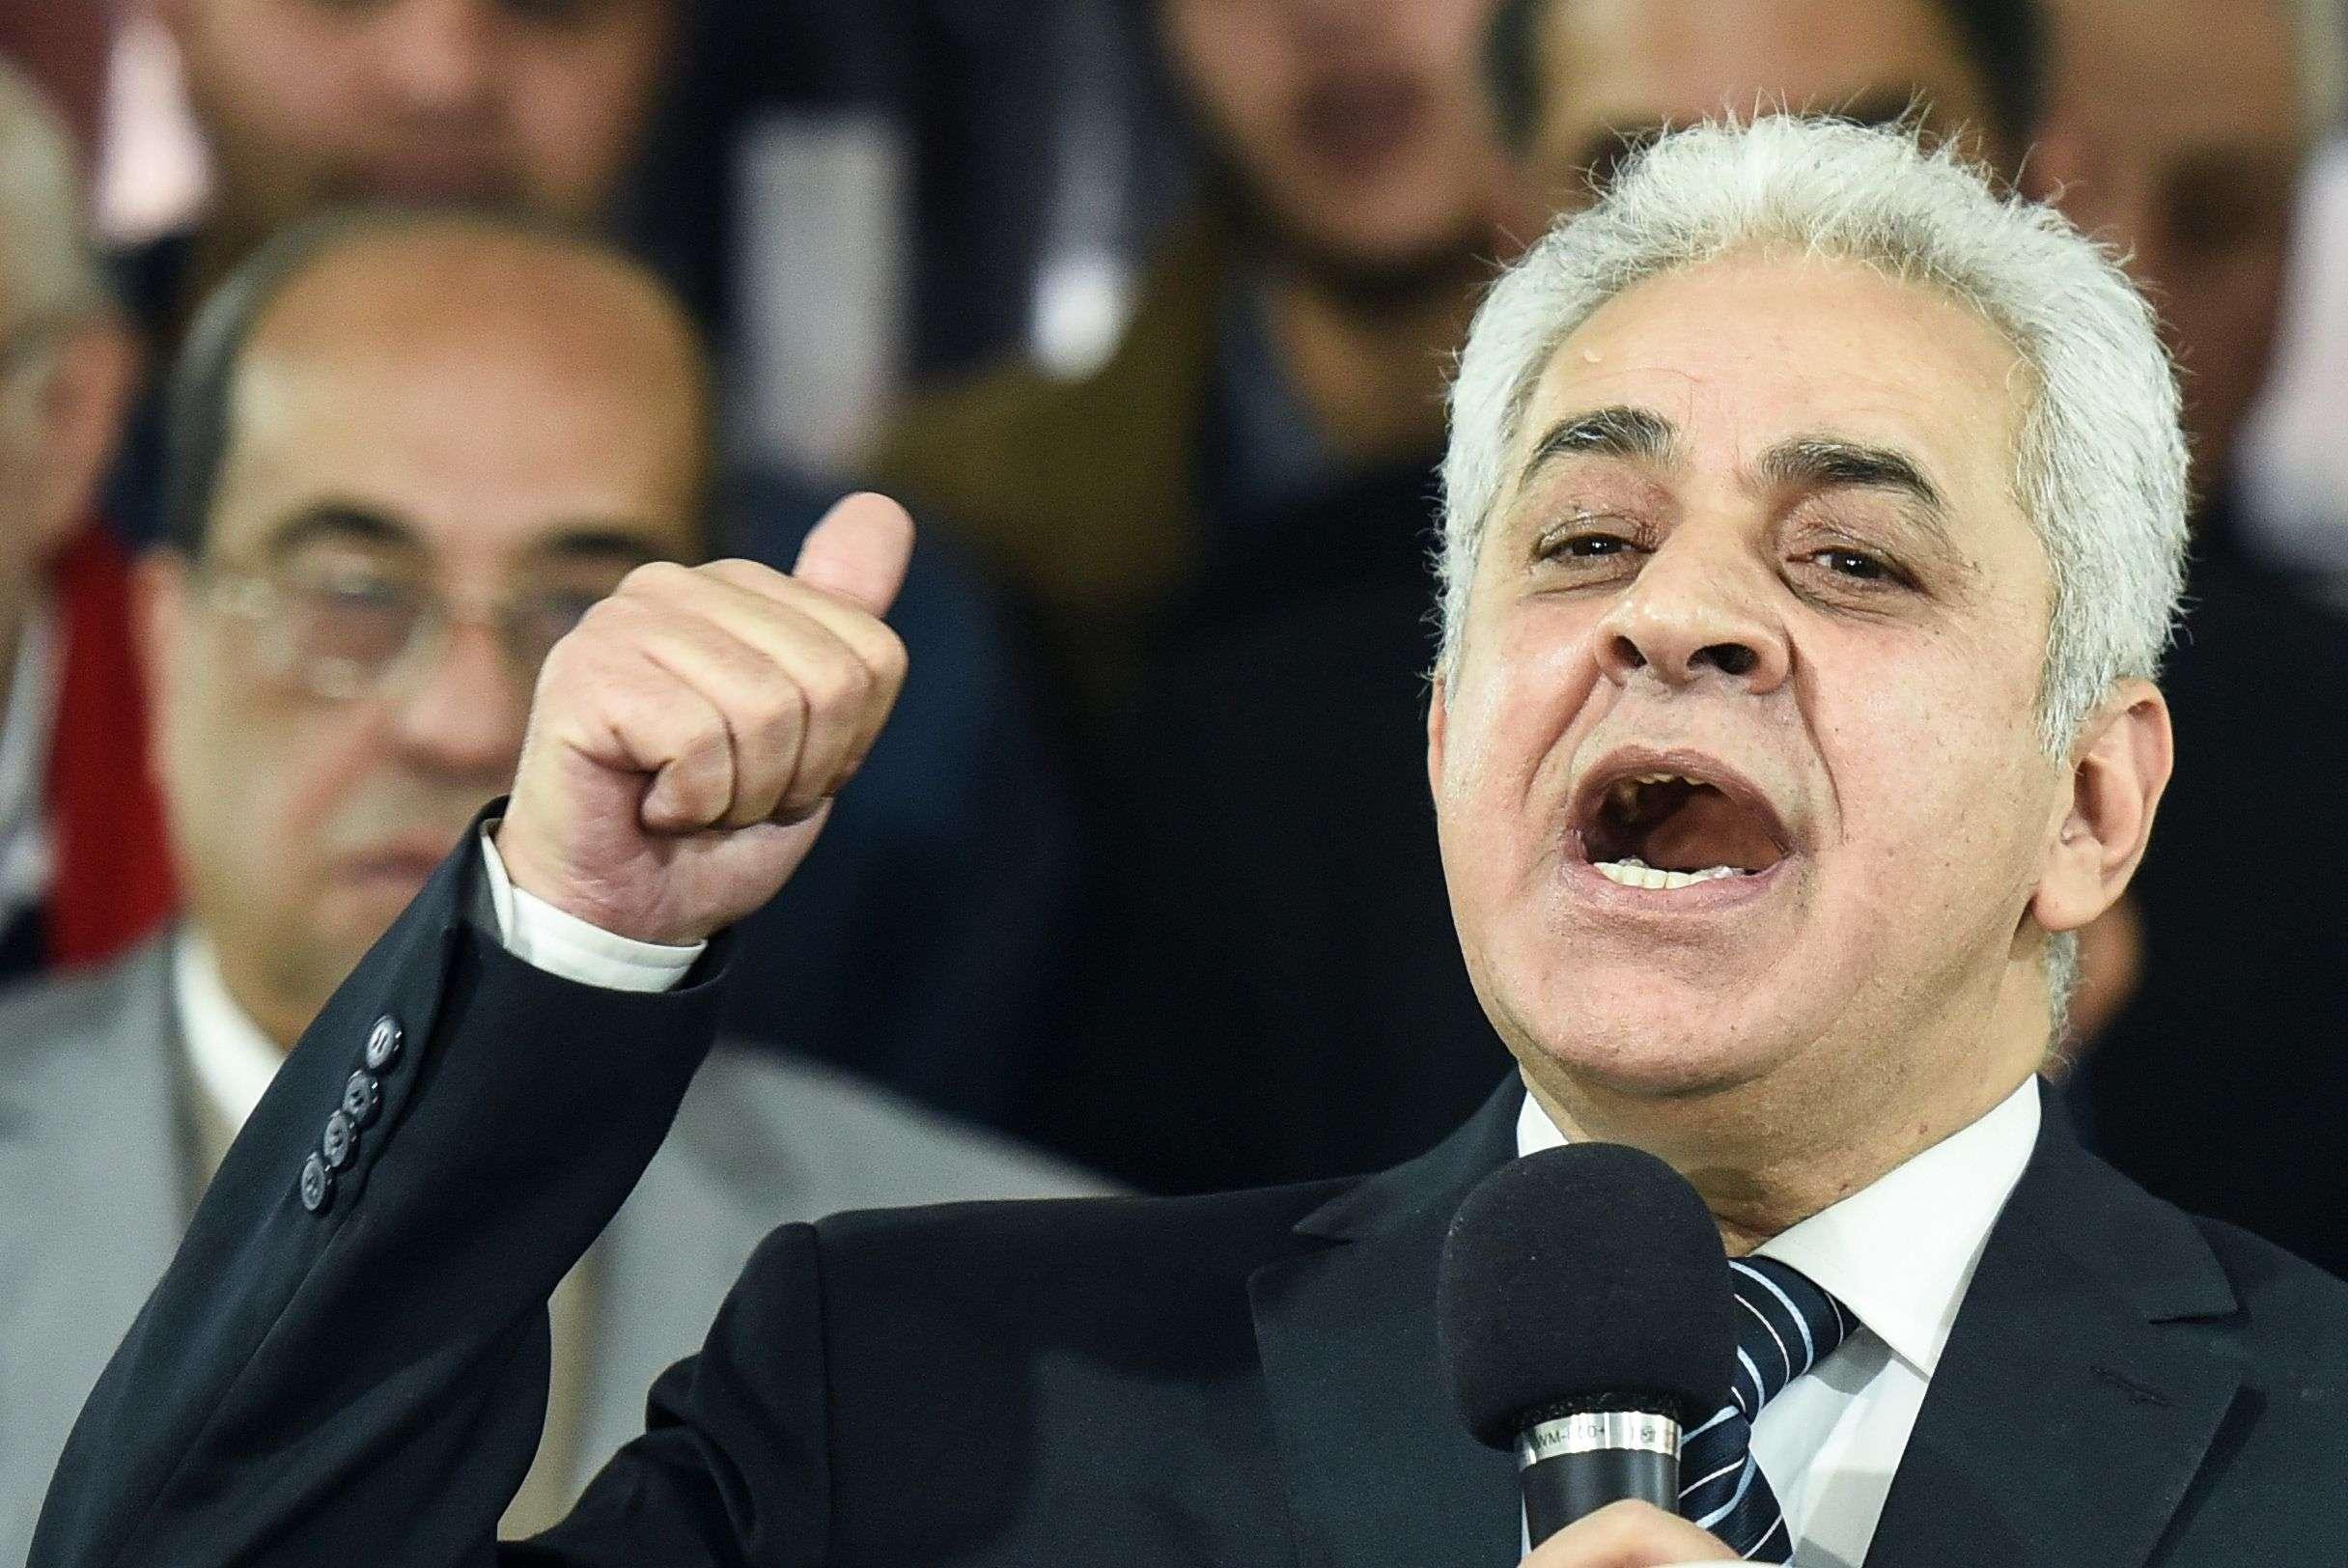 حمدين صباحي يدعو السيسي لتوجيه ضربة عسكرية لسد النهضة بأسرع وقت